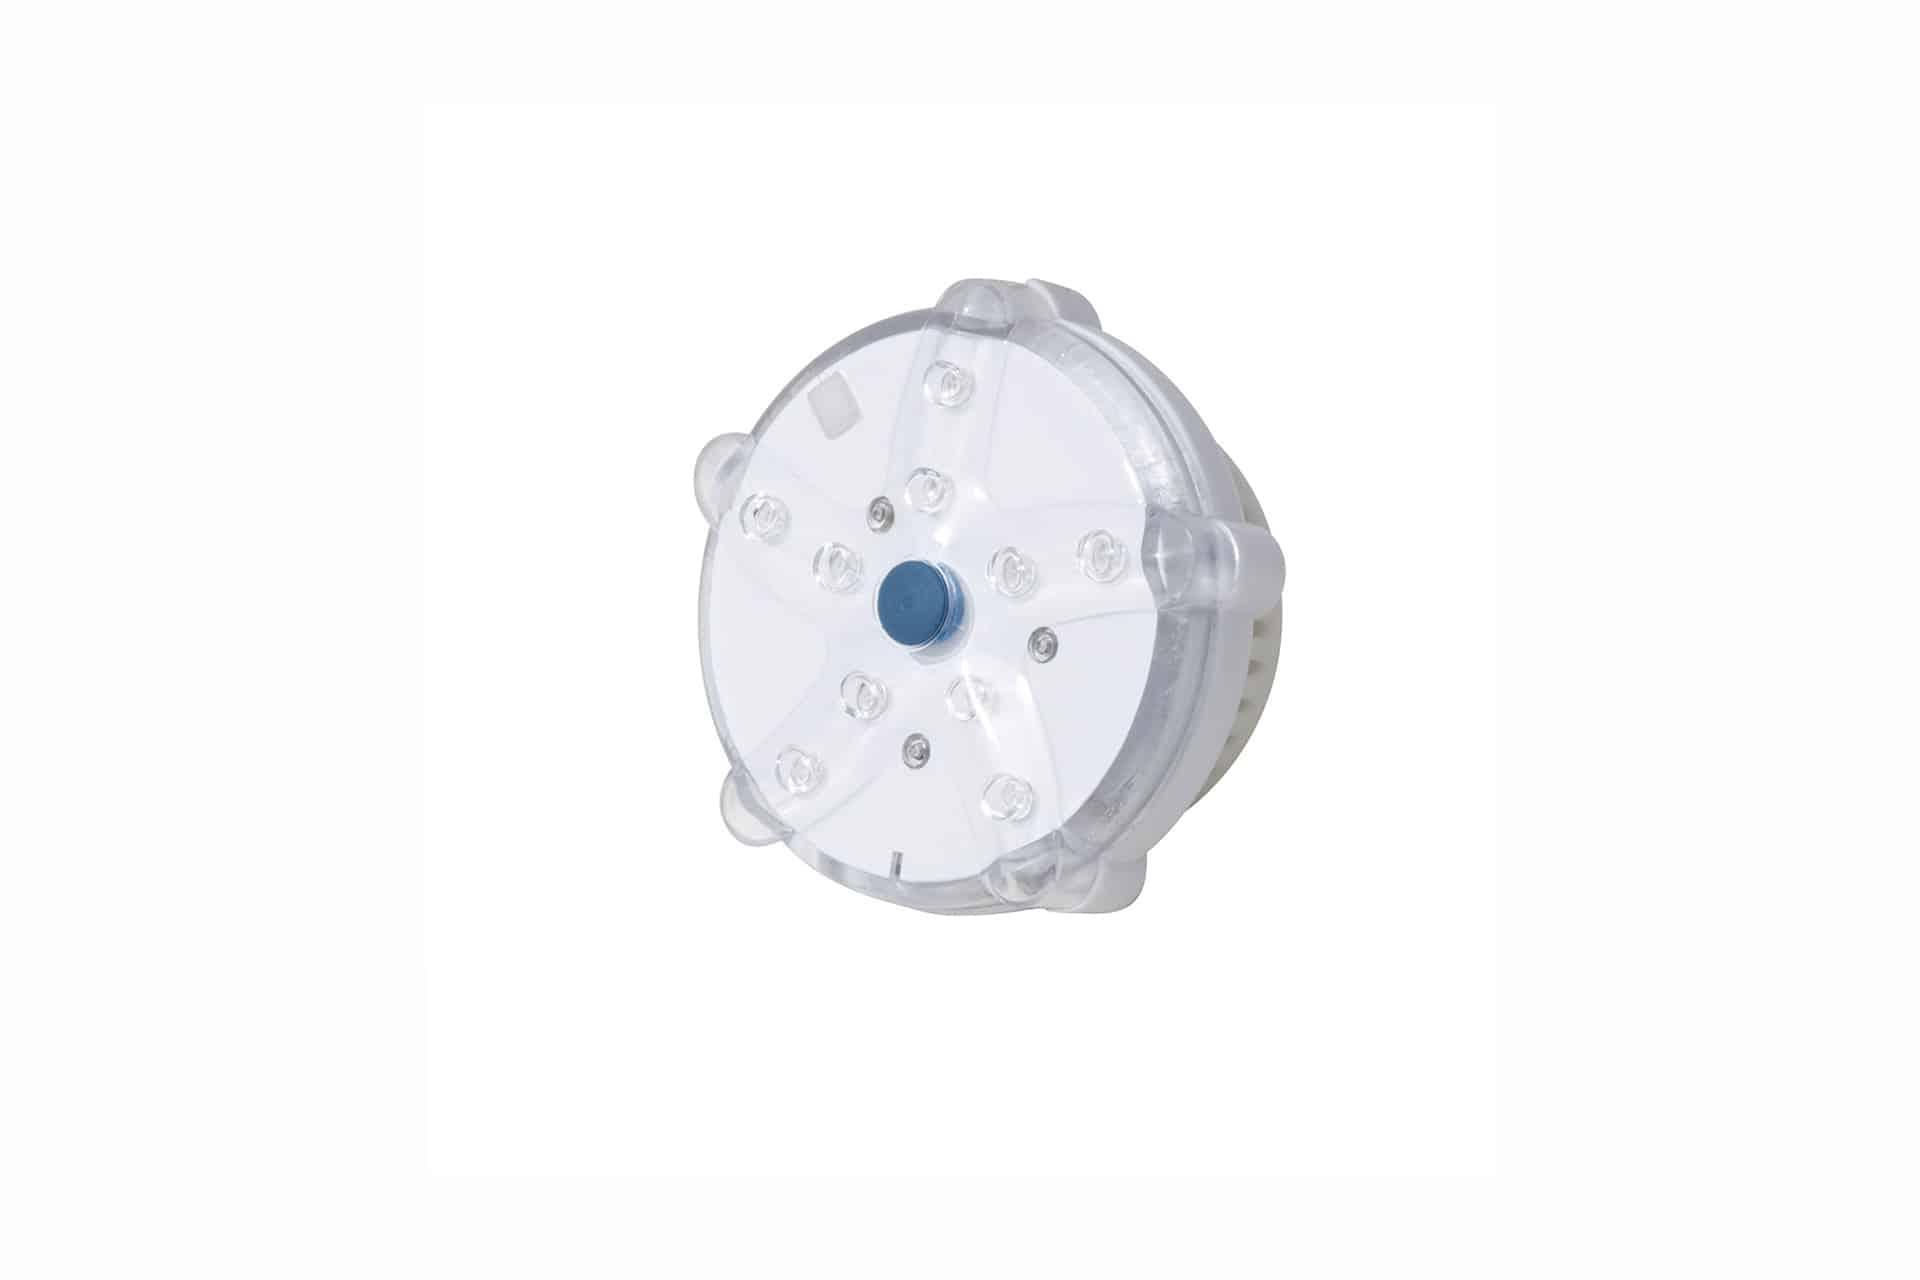 LED-lys for Lay-Z-Spa AirJet modellene